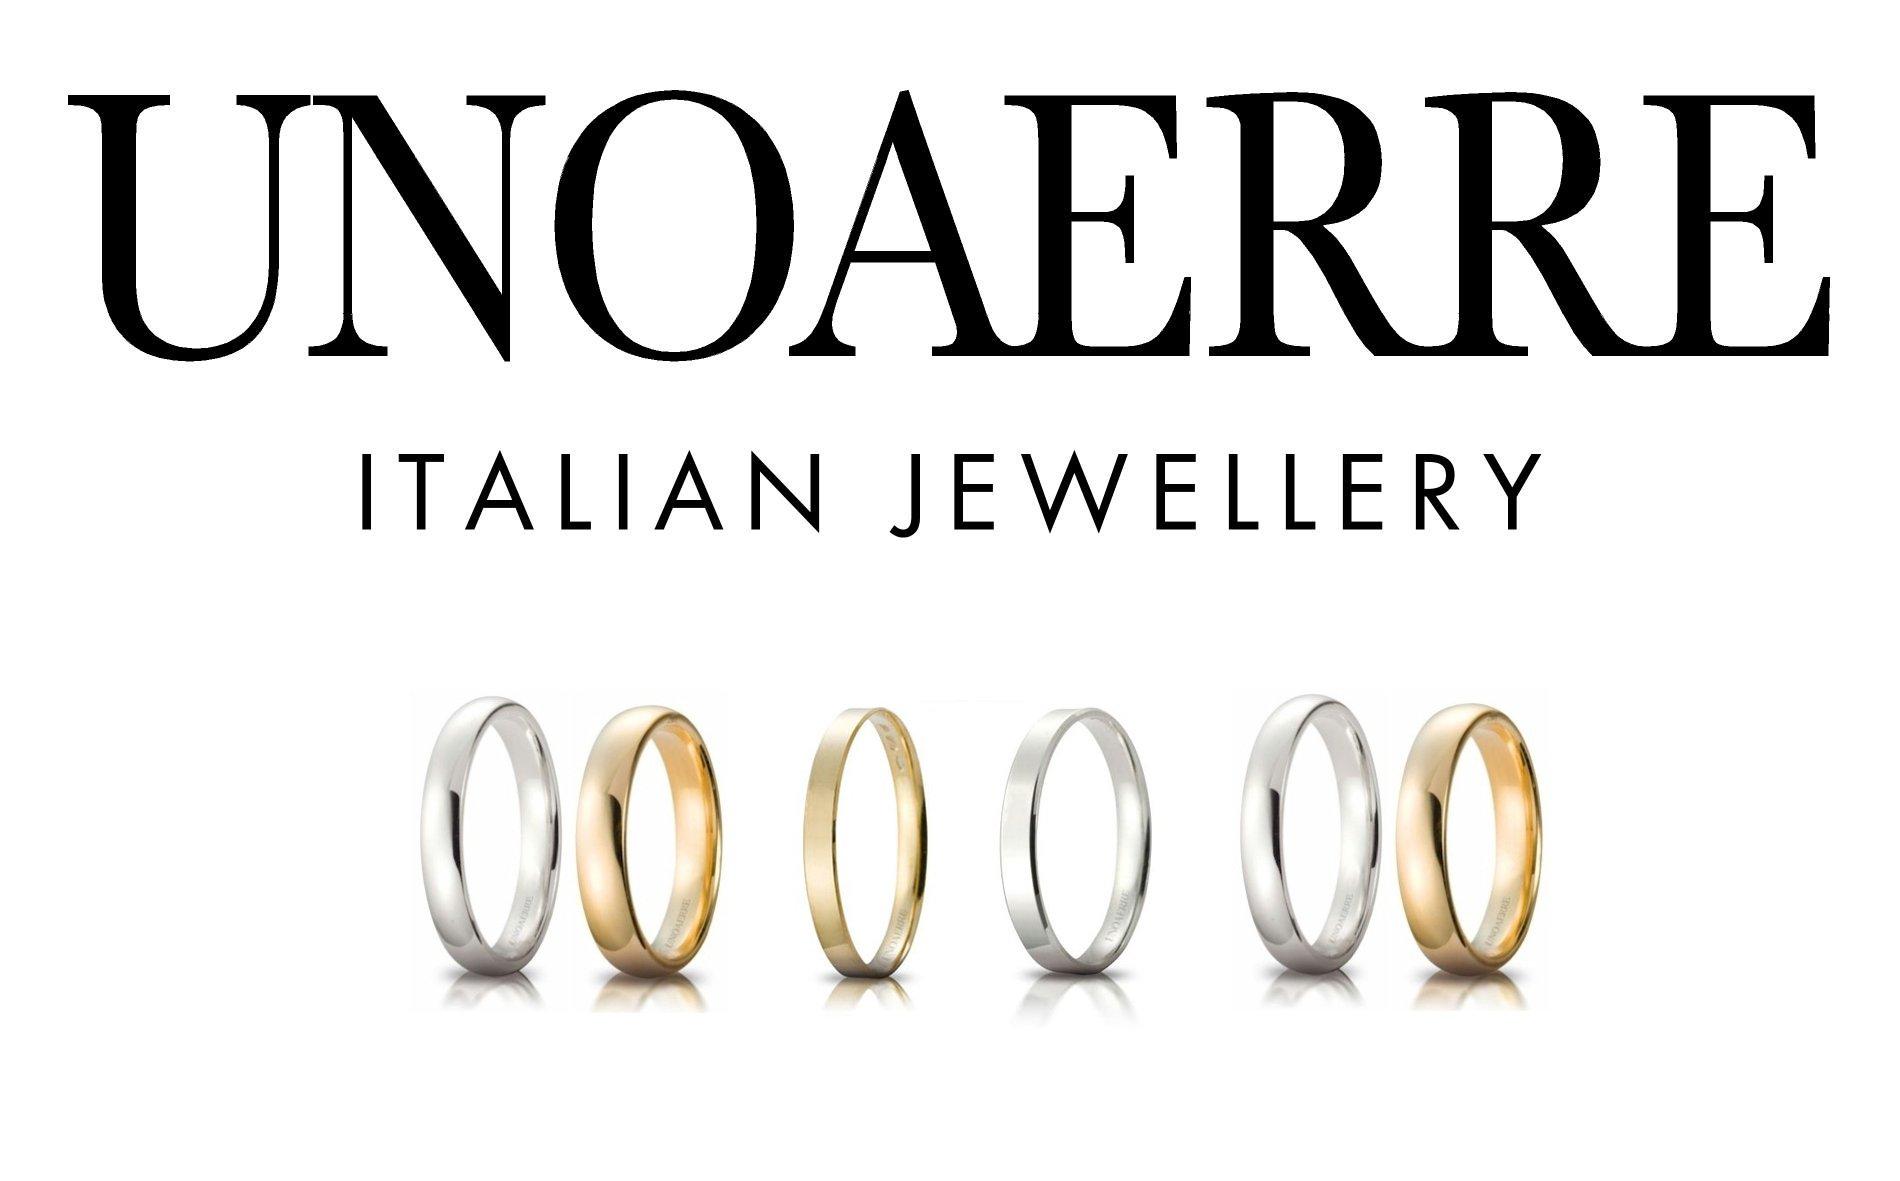 anelli di marca italiana